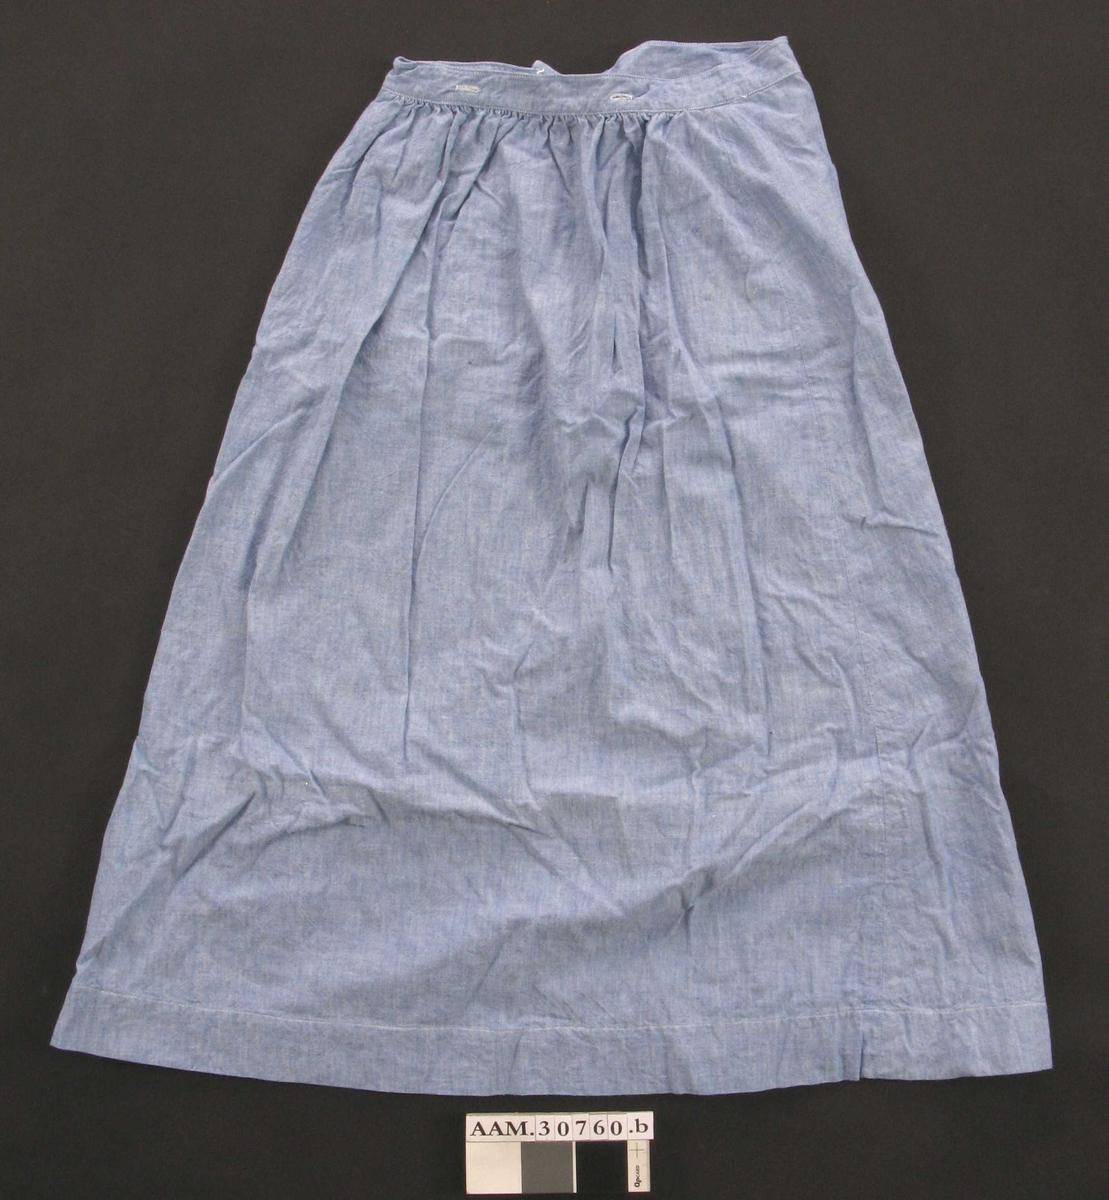 Form: Sydd av 4 høyder, rynket bak, glatt foran. 2 knapper øverst i ene sømmen på fremstykket. Lav linning.